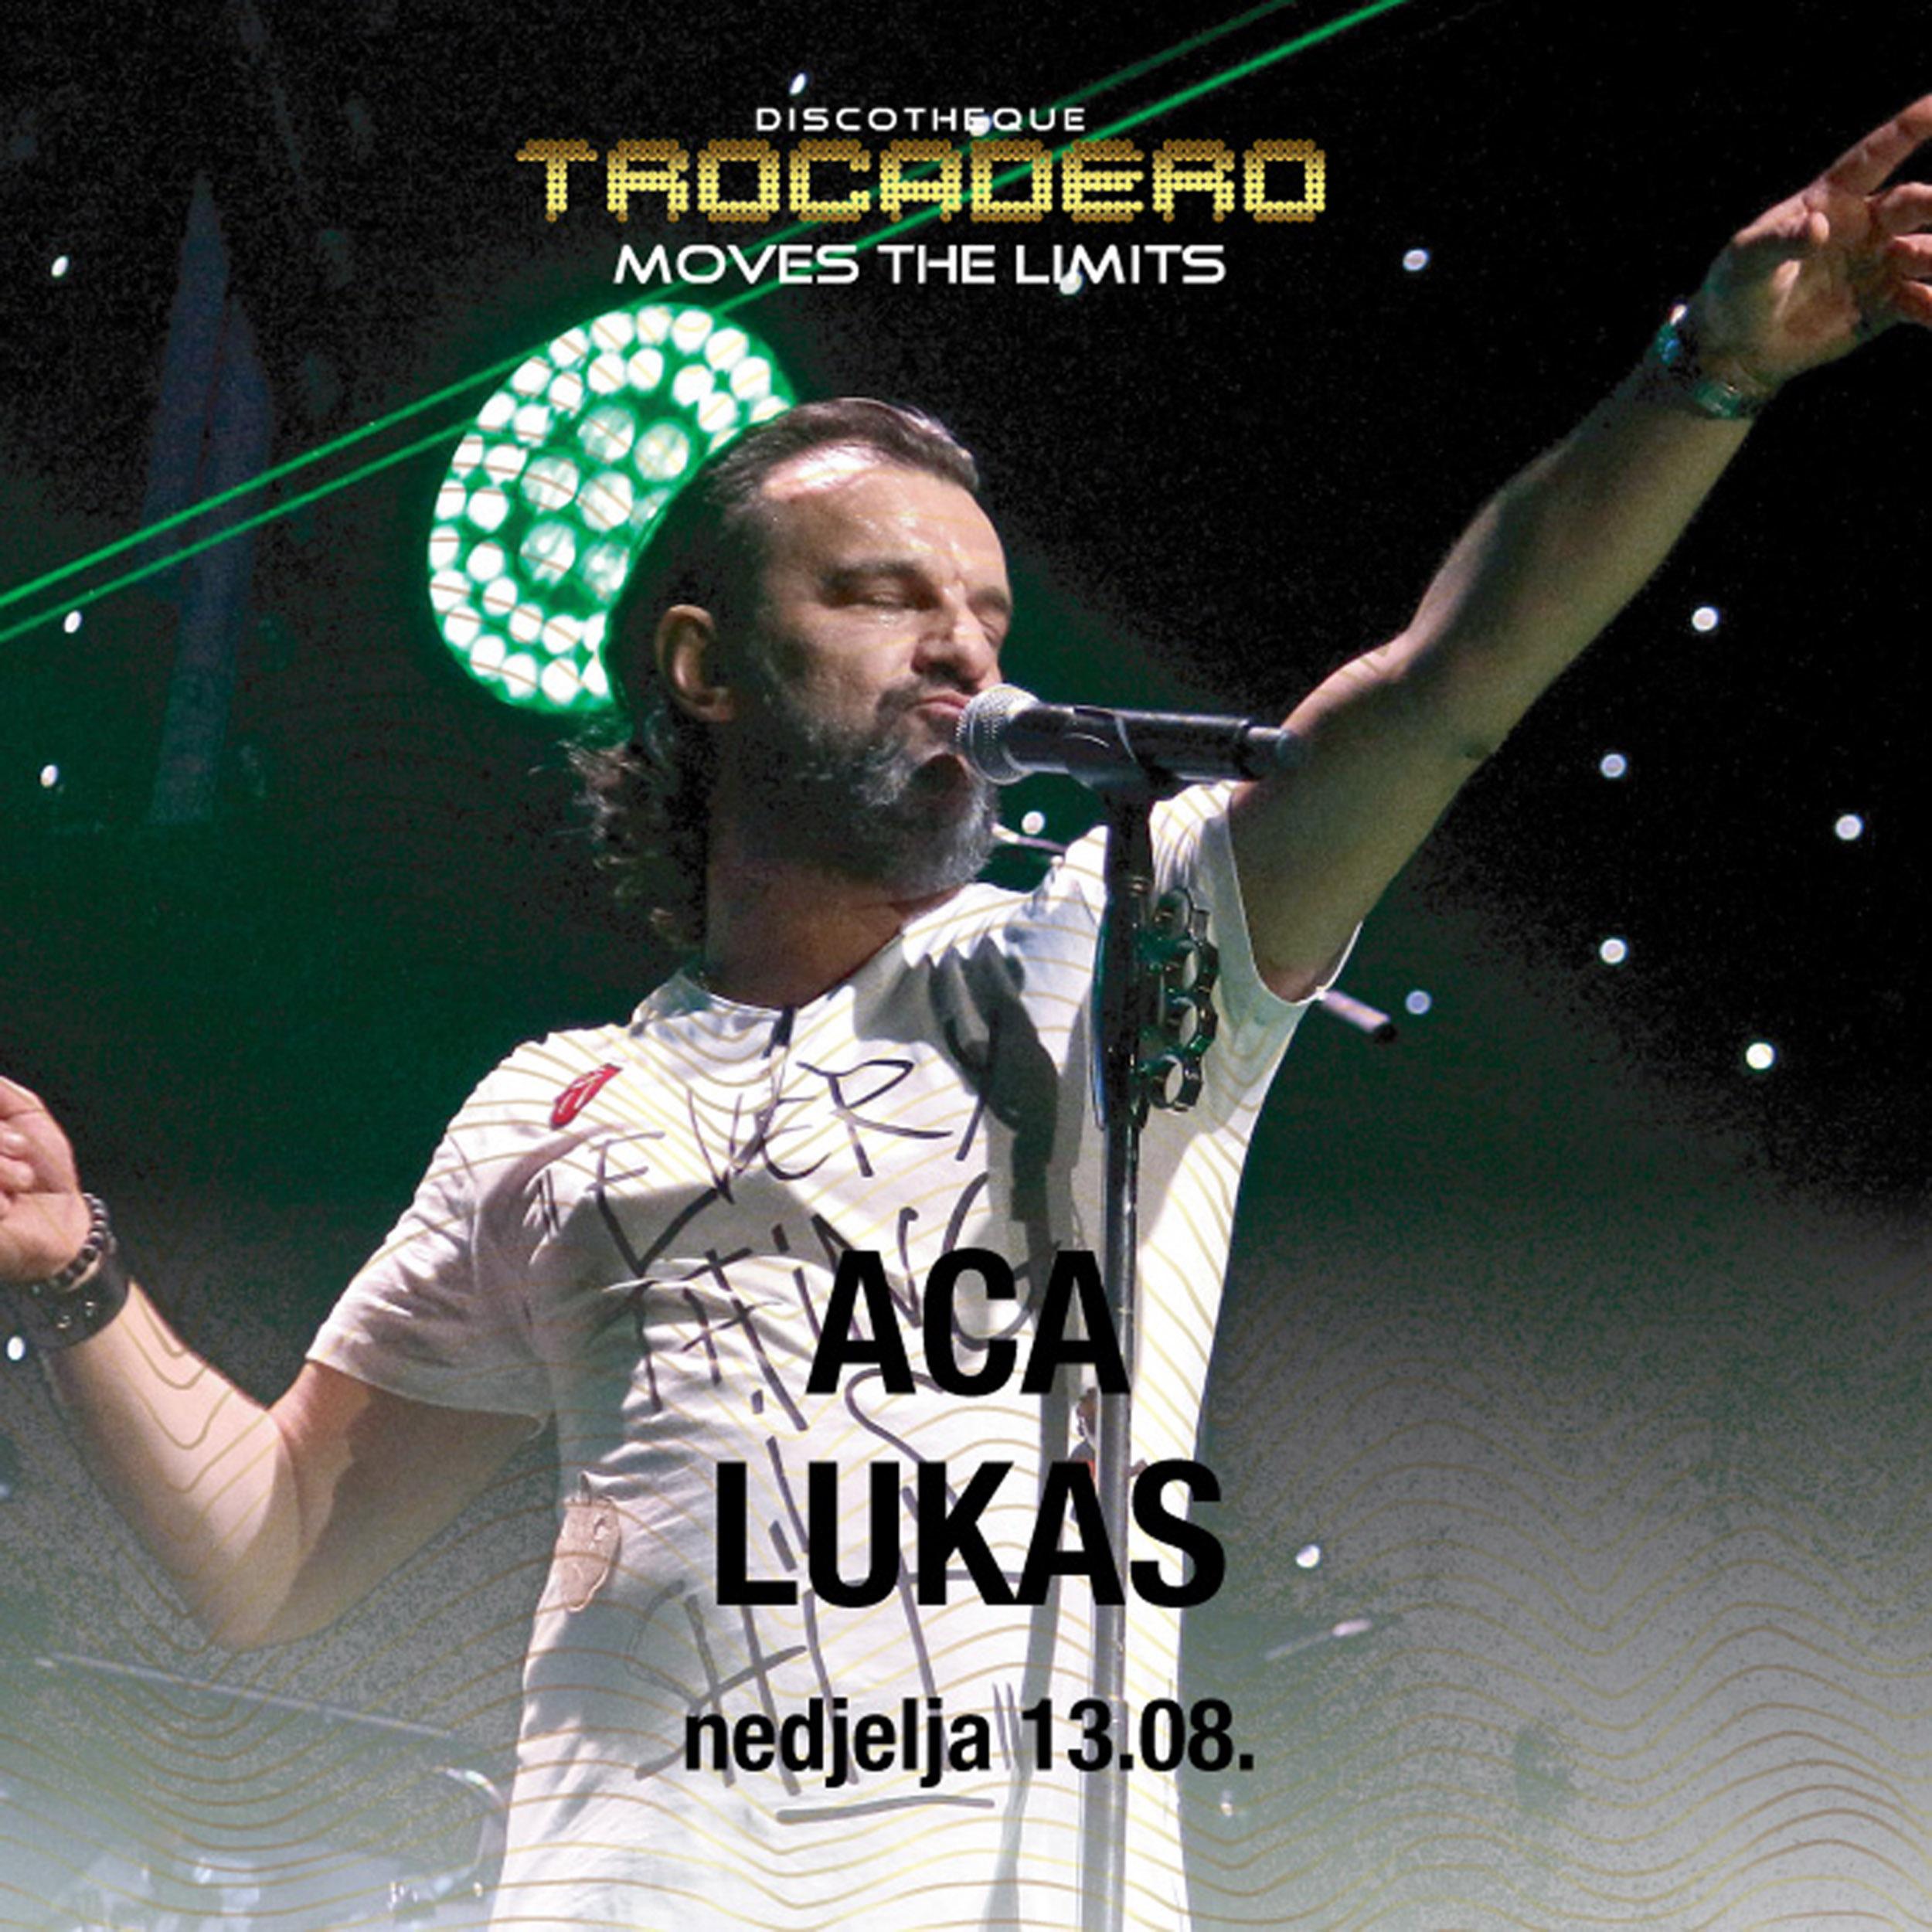 Aca Lukas